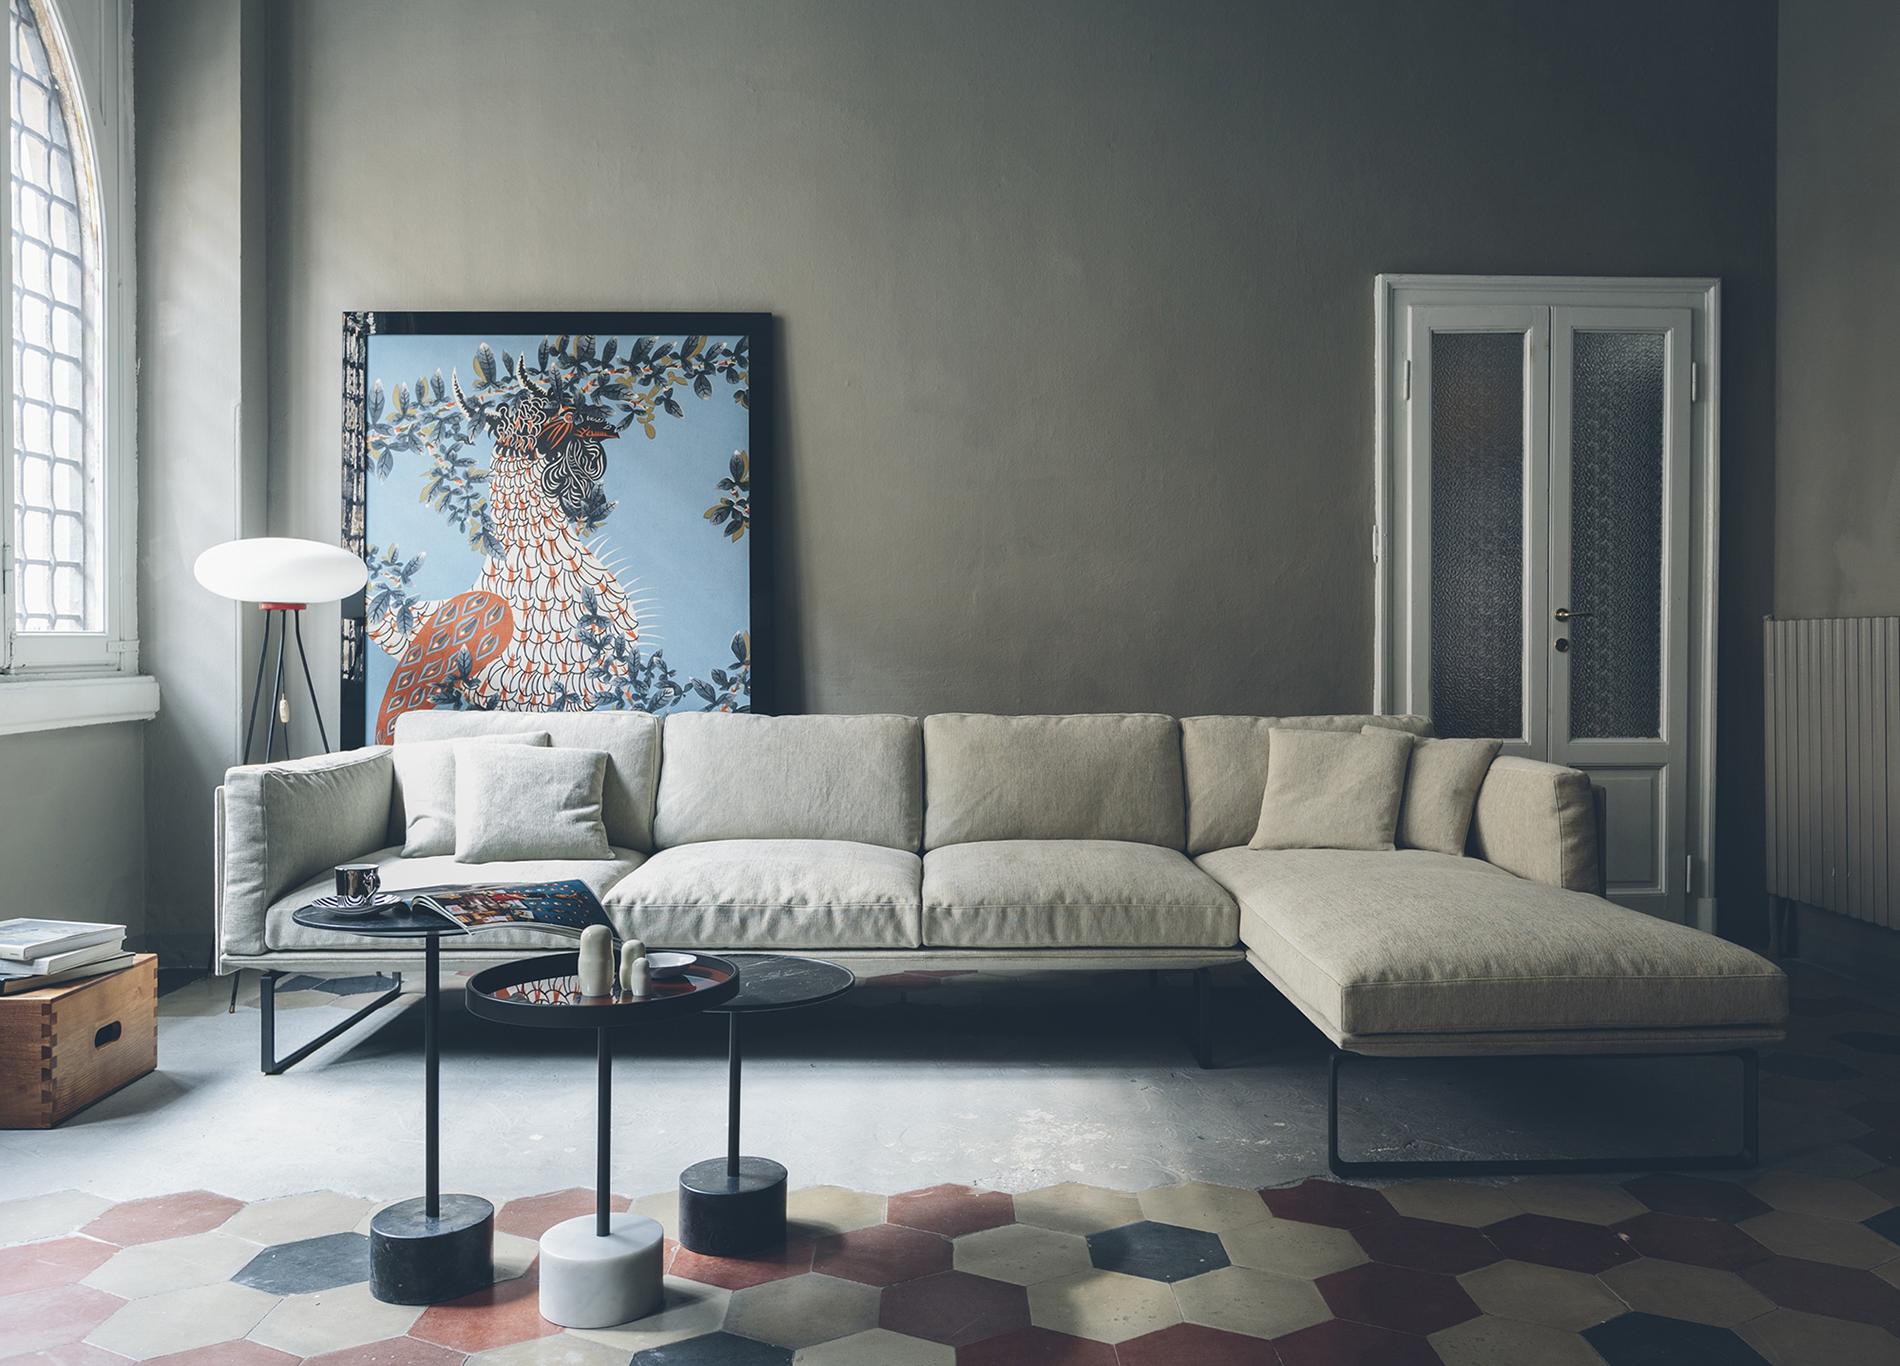 Ein Neues Sofa Ist Zwar Eine Etwas Grössere Anschaffung, Aber Ein  Wichtiges, Zentrales Möbelstück, Oft Sogar Das Herzstück Des Wohnraums.